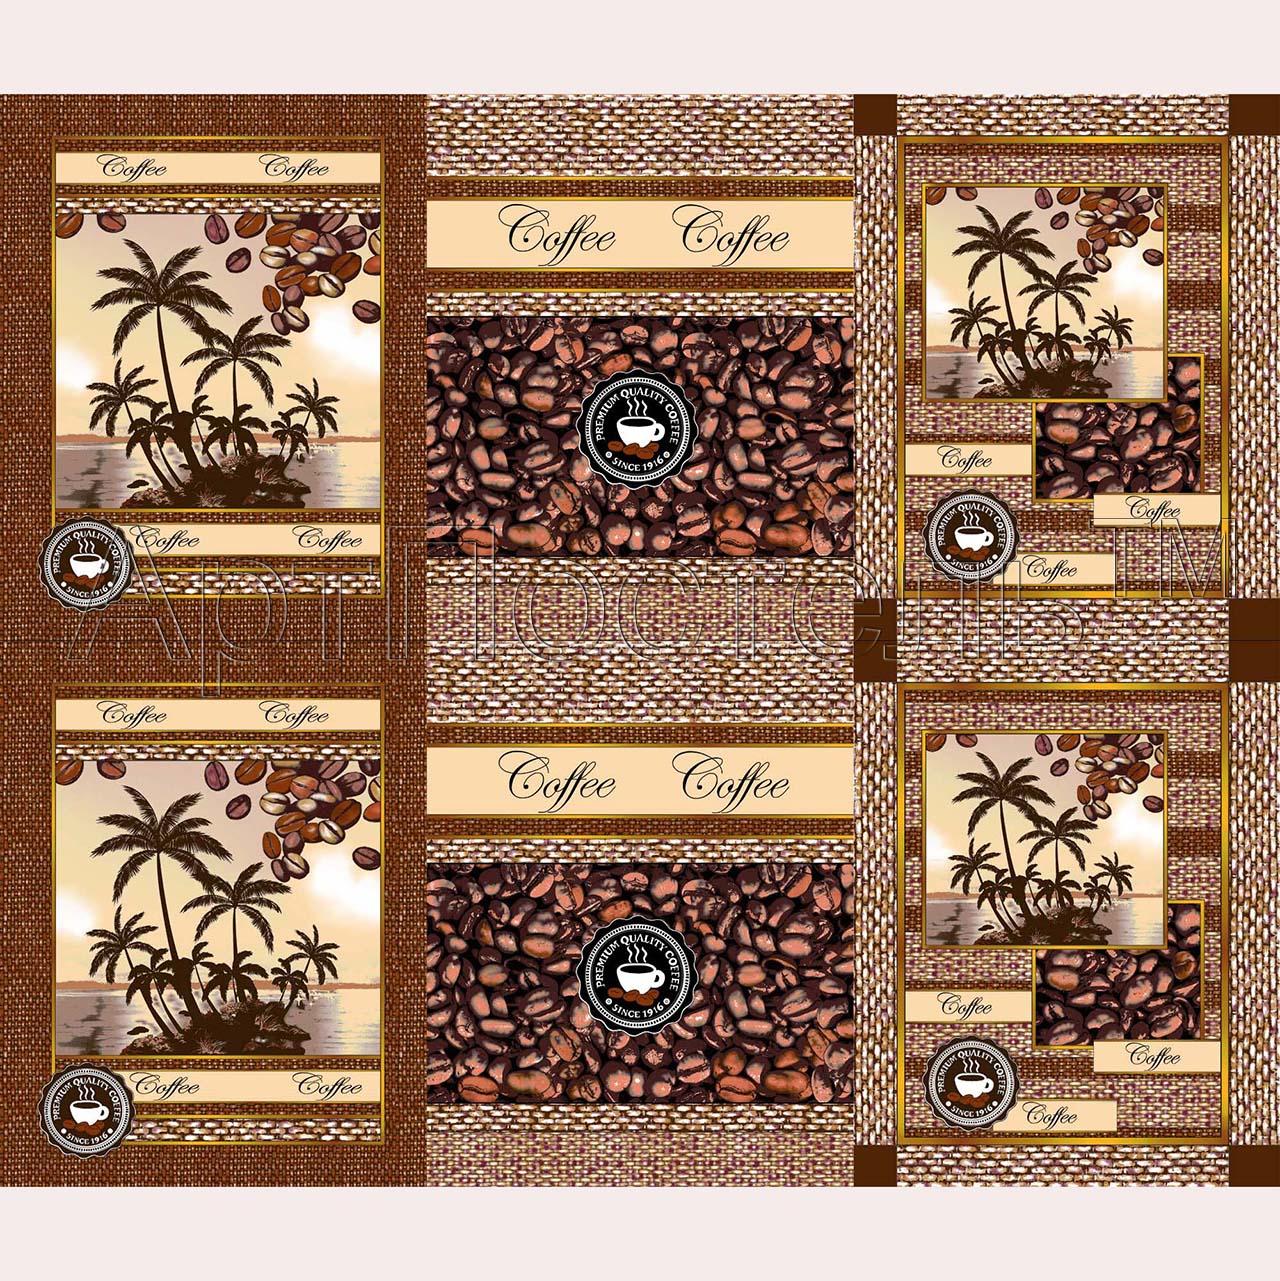 Набор полотенец Аромат кофе р. 45х60Вафельные полотенца<br>Плотность:160 г/кв. м<br><br>Тип: Набор полотенец<br>Размер: 45х60<br>Материал: Вафельное полотно